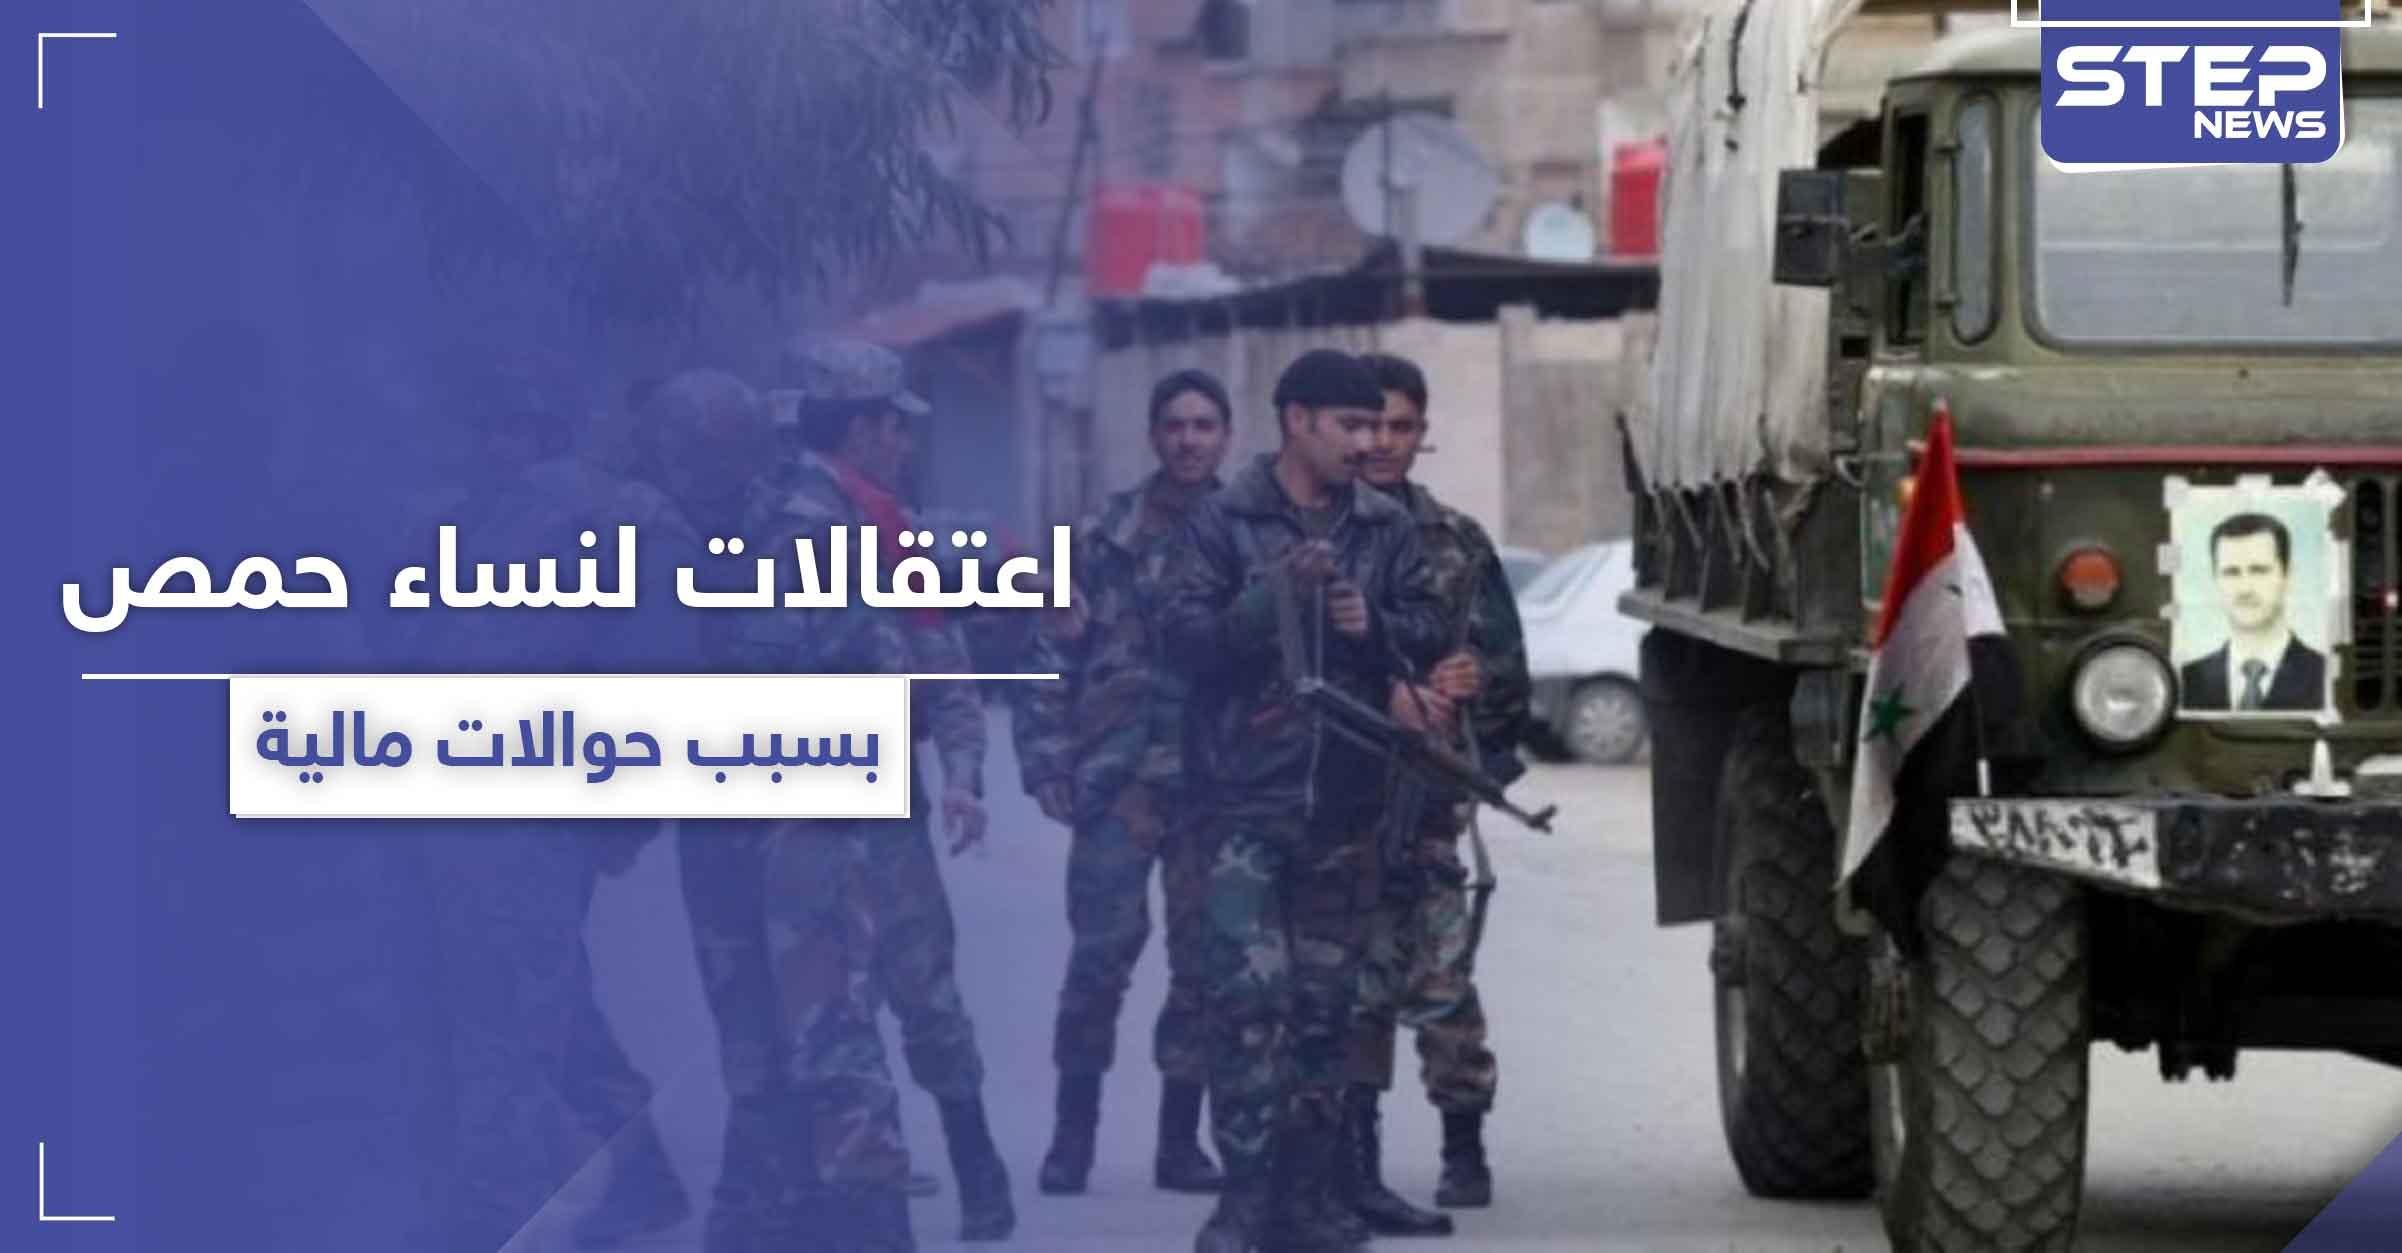 """النظام السوري يطبق """"قيصر"""" على الشعب.. اعتقالات لنساء في حمص بسبب حوالة مالية"""